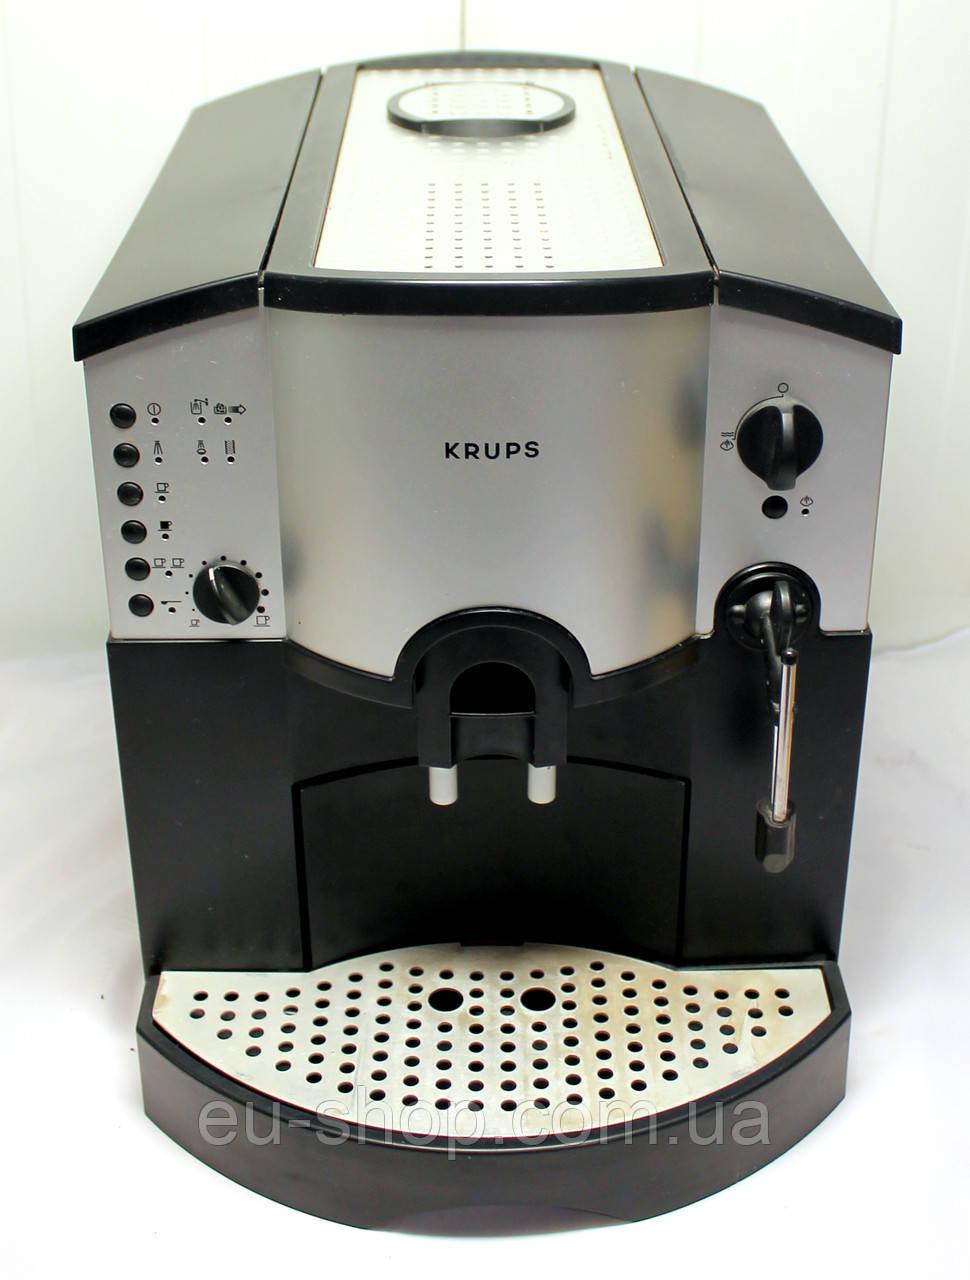 кофемашина krups 889 инструкция на русском